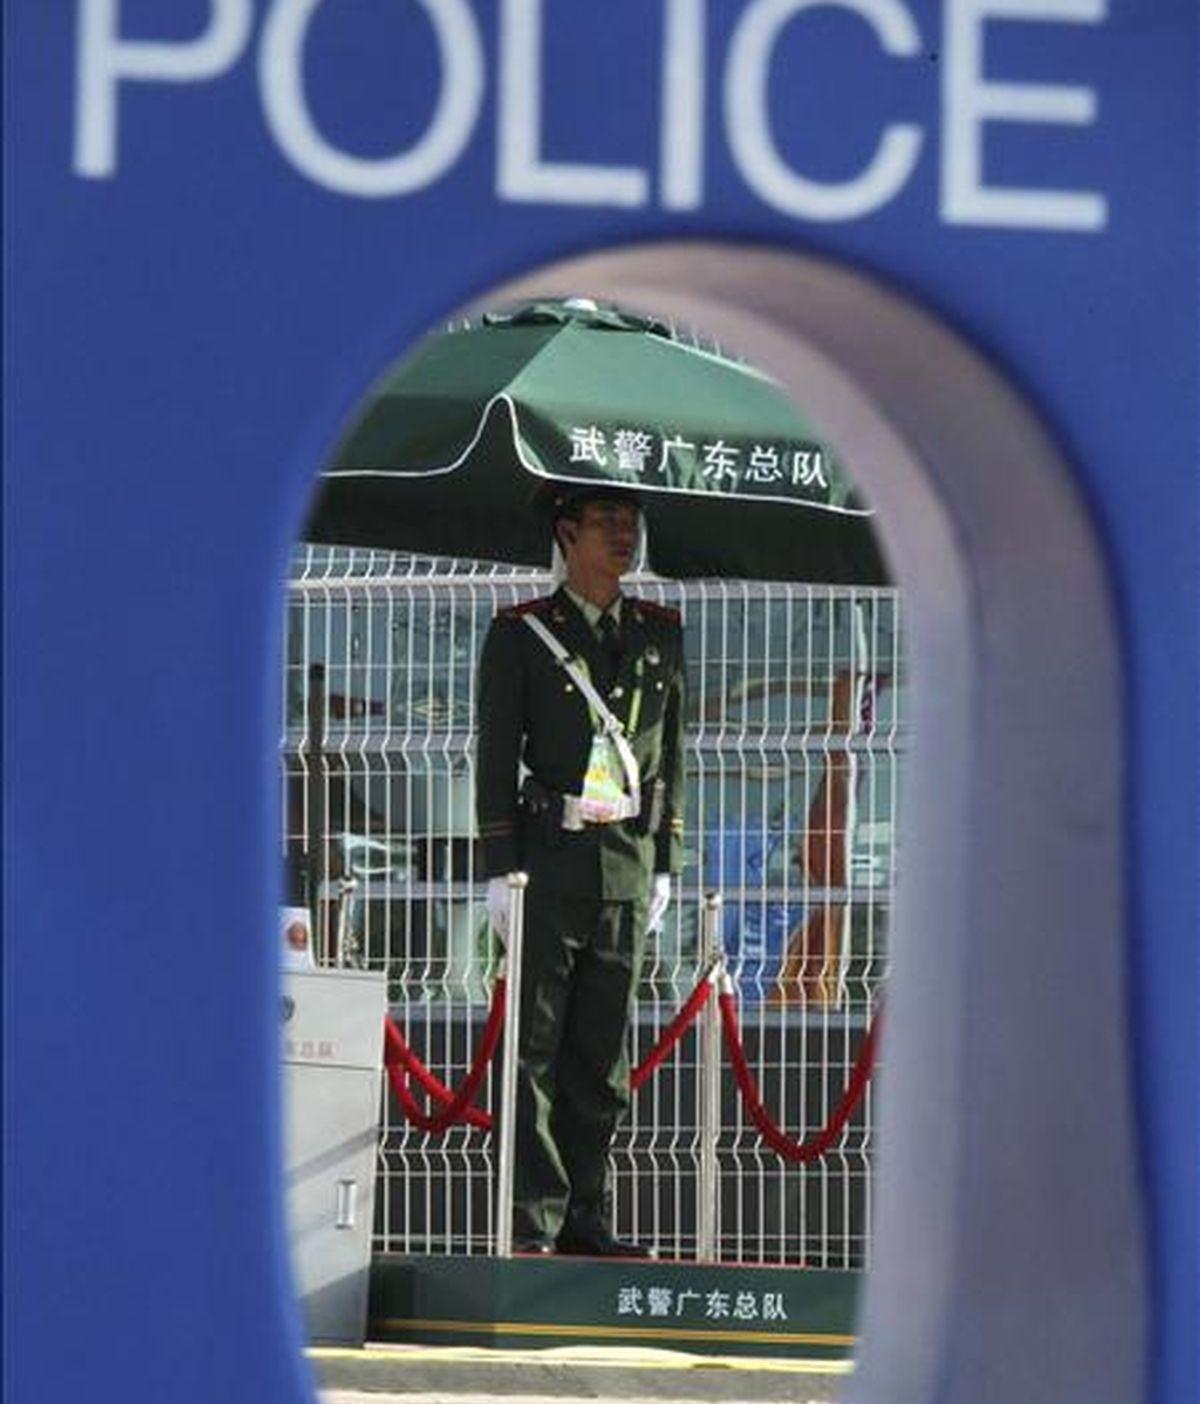 Imagen de un policía paramilitar china. EFE/Archivo